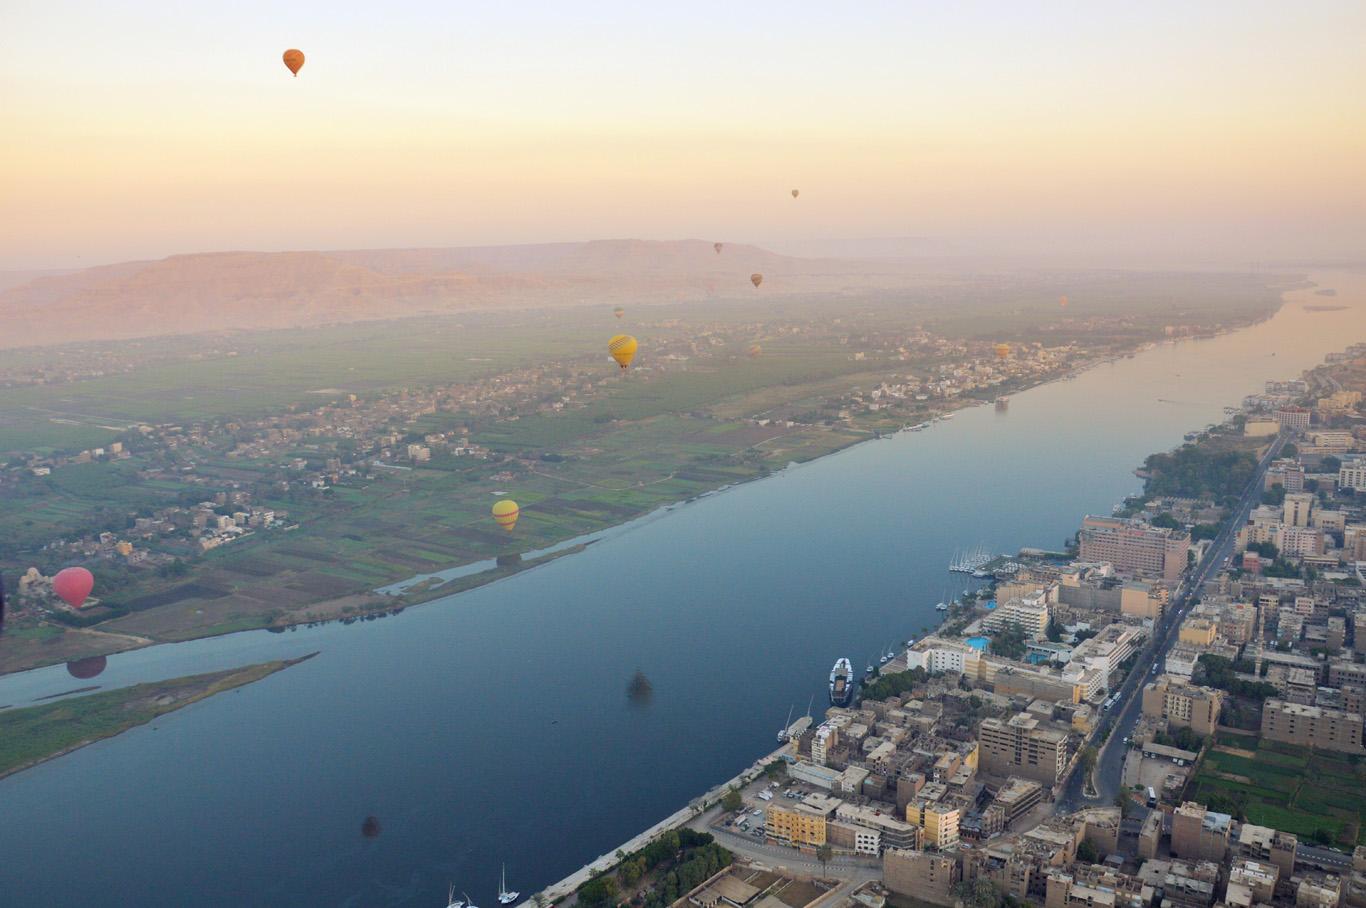 Ballons over Luxor     more info